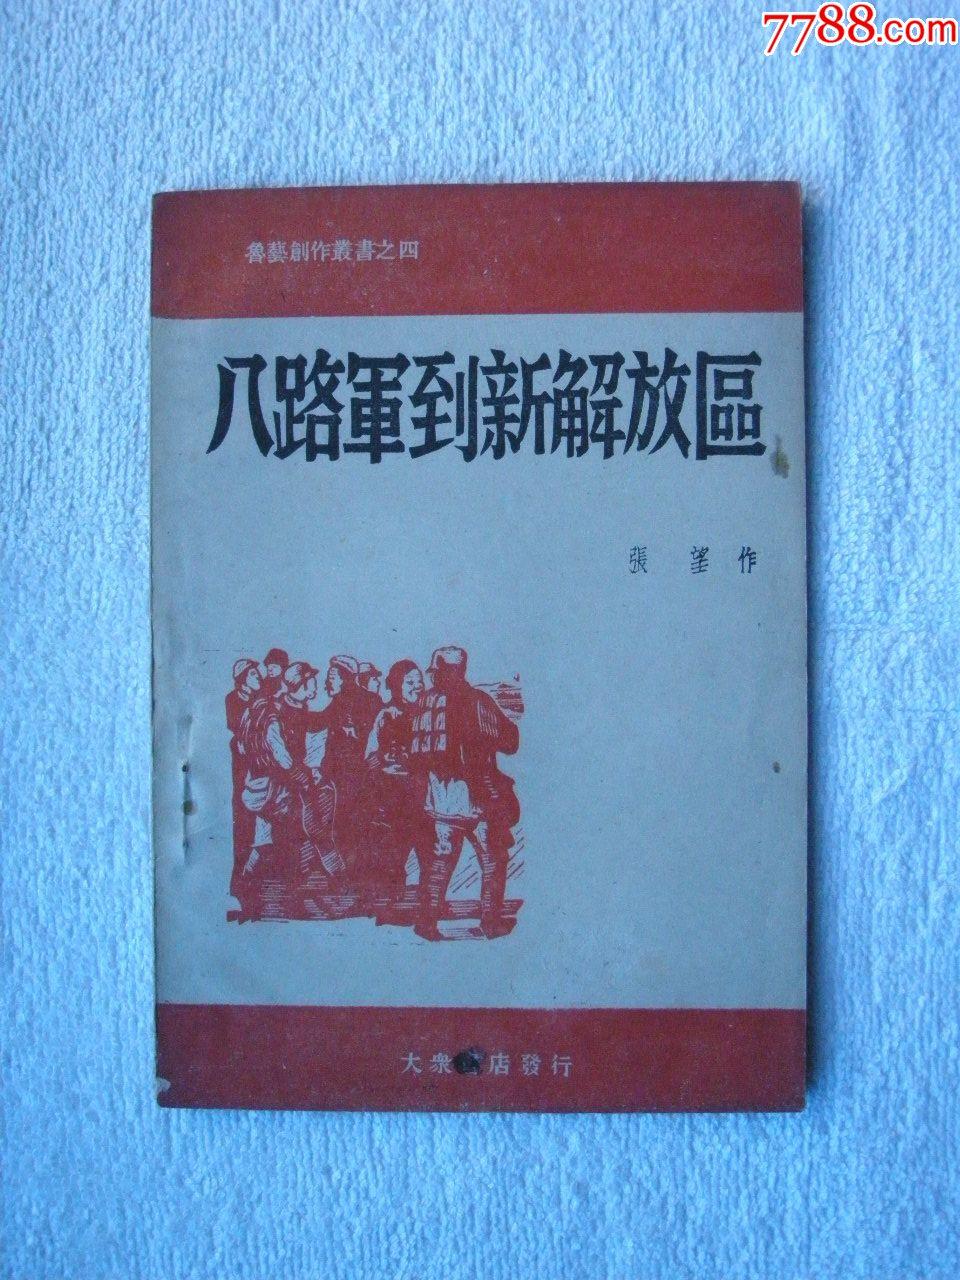 《八路军到新解放区》1947年11月.大连大众书店发?#23567;��?#24352;望著(au20515459)_